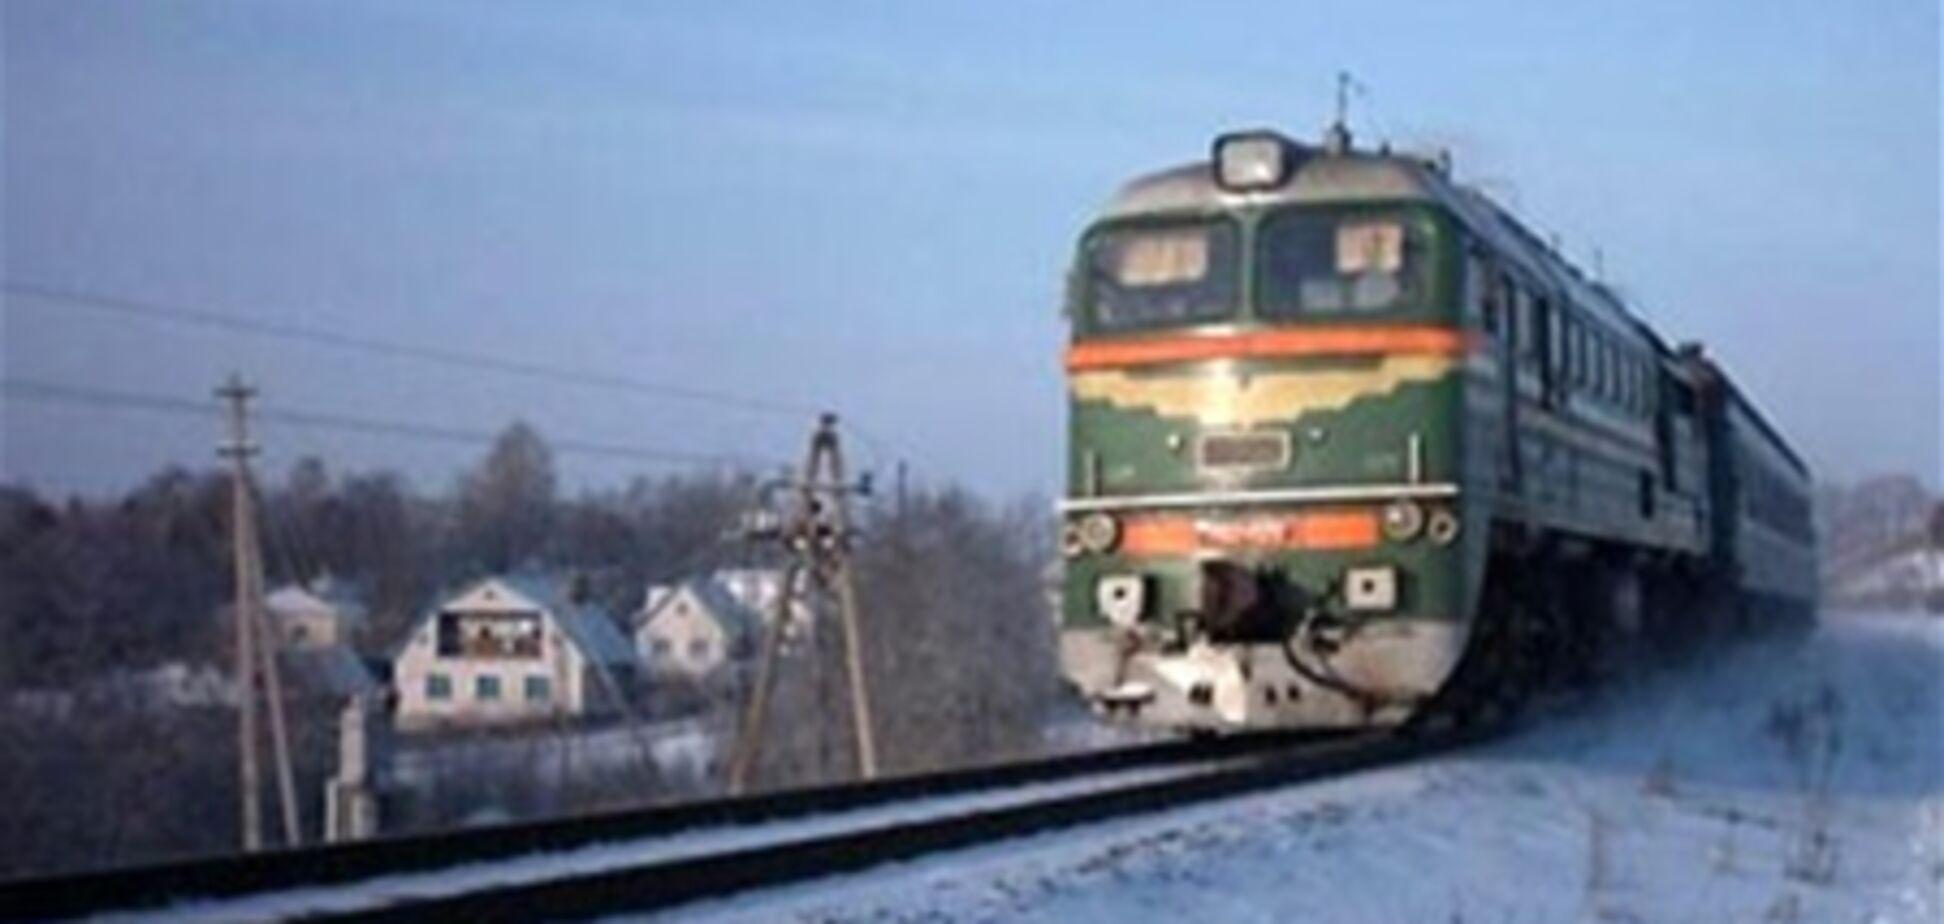 Пасажир випав з потягу і пробіг за ним сім кілометрів